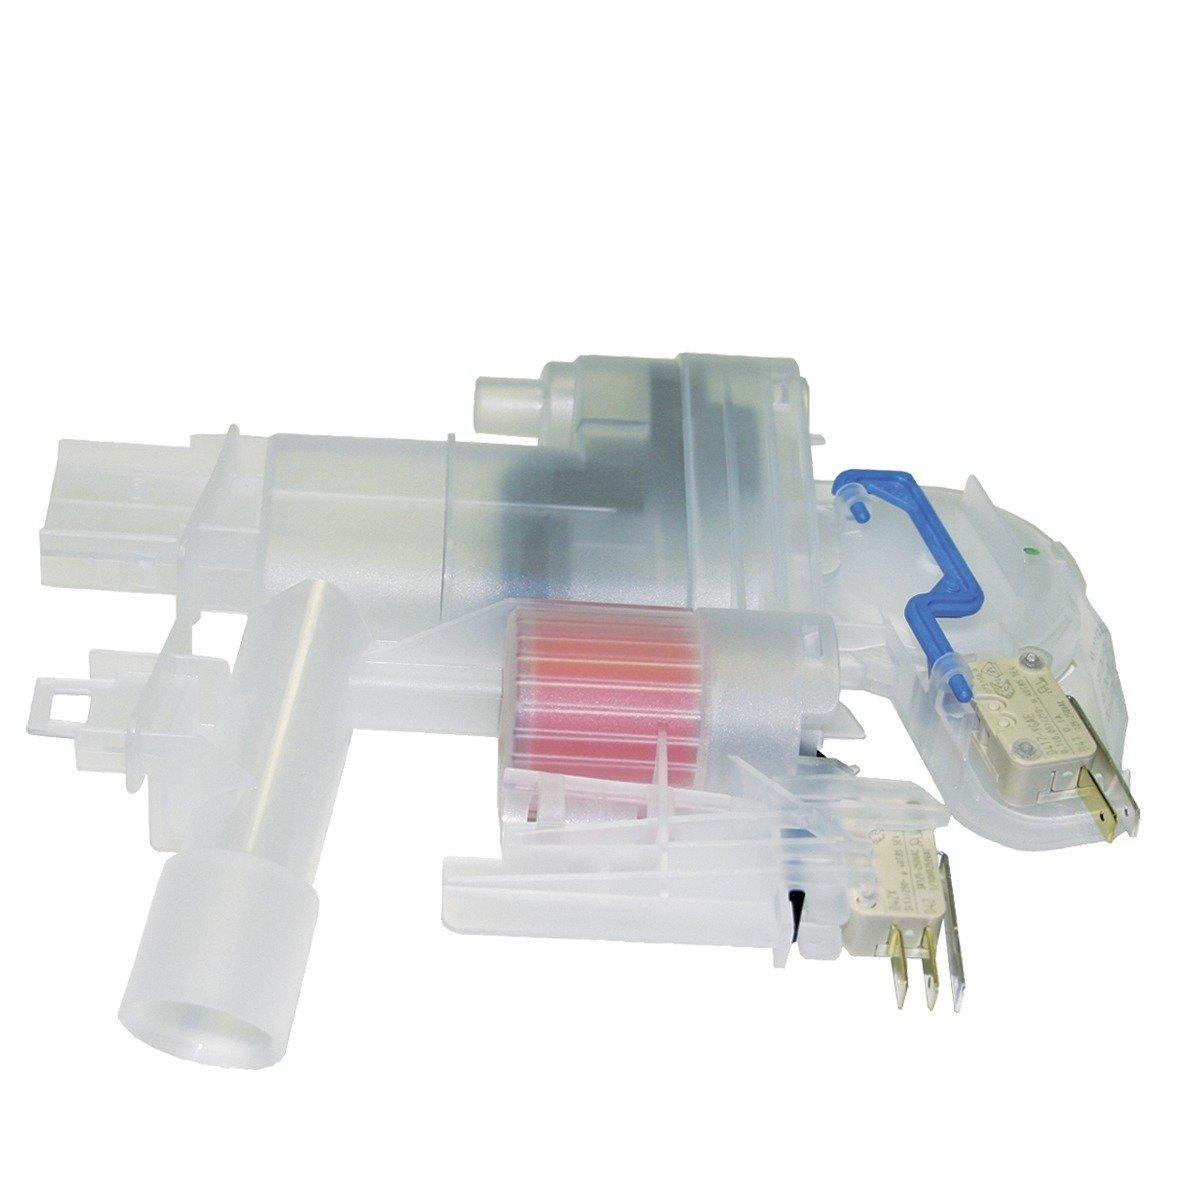 Wasserstandsregler Gebergehäuse Bosch Siemens Neff Spülmaschine 00497570 497570